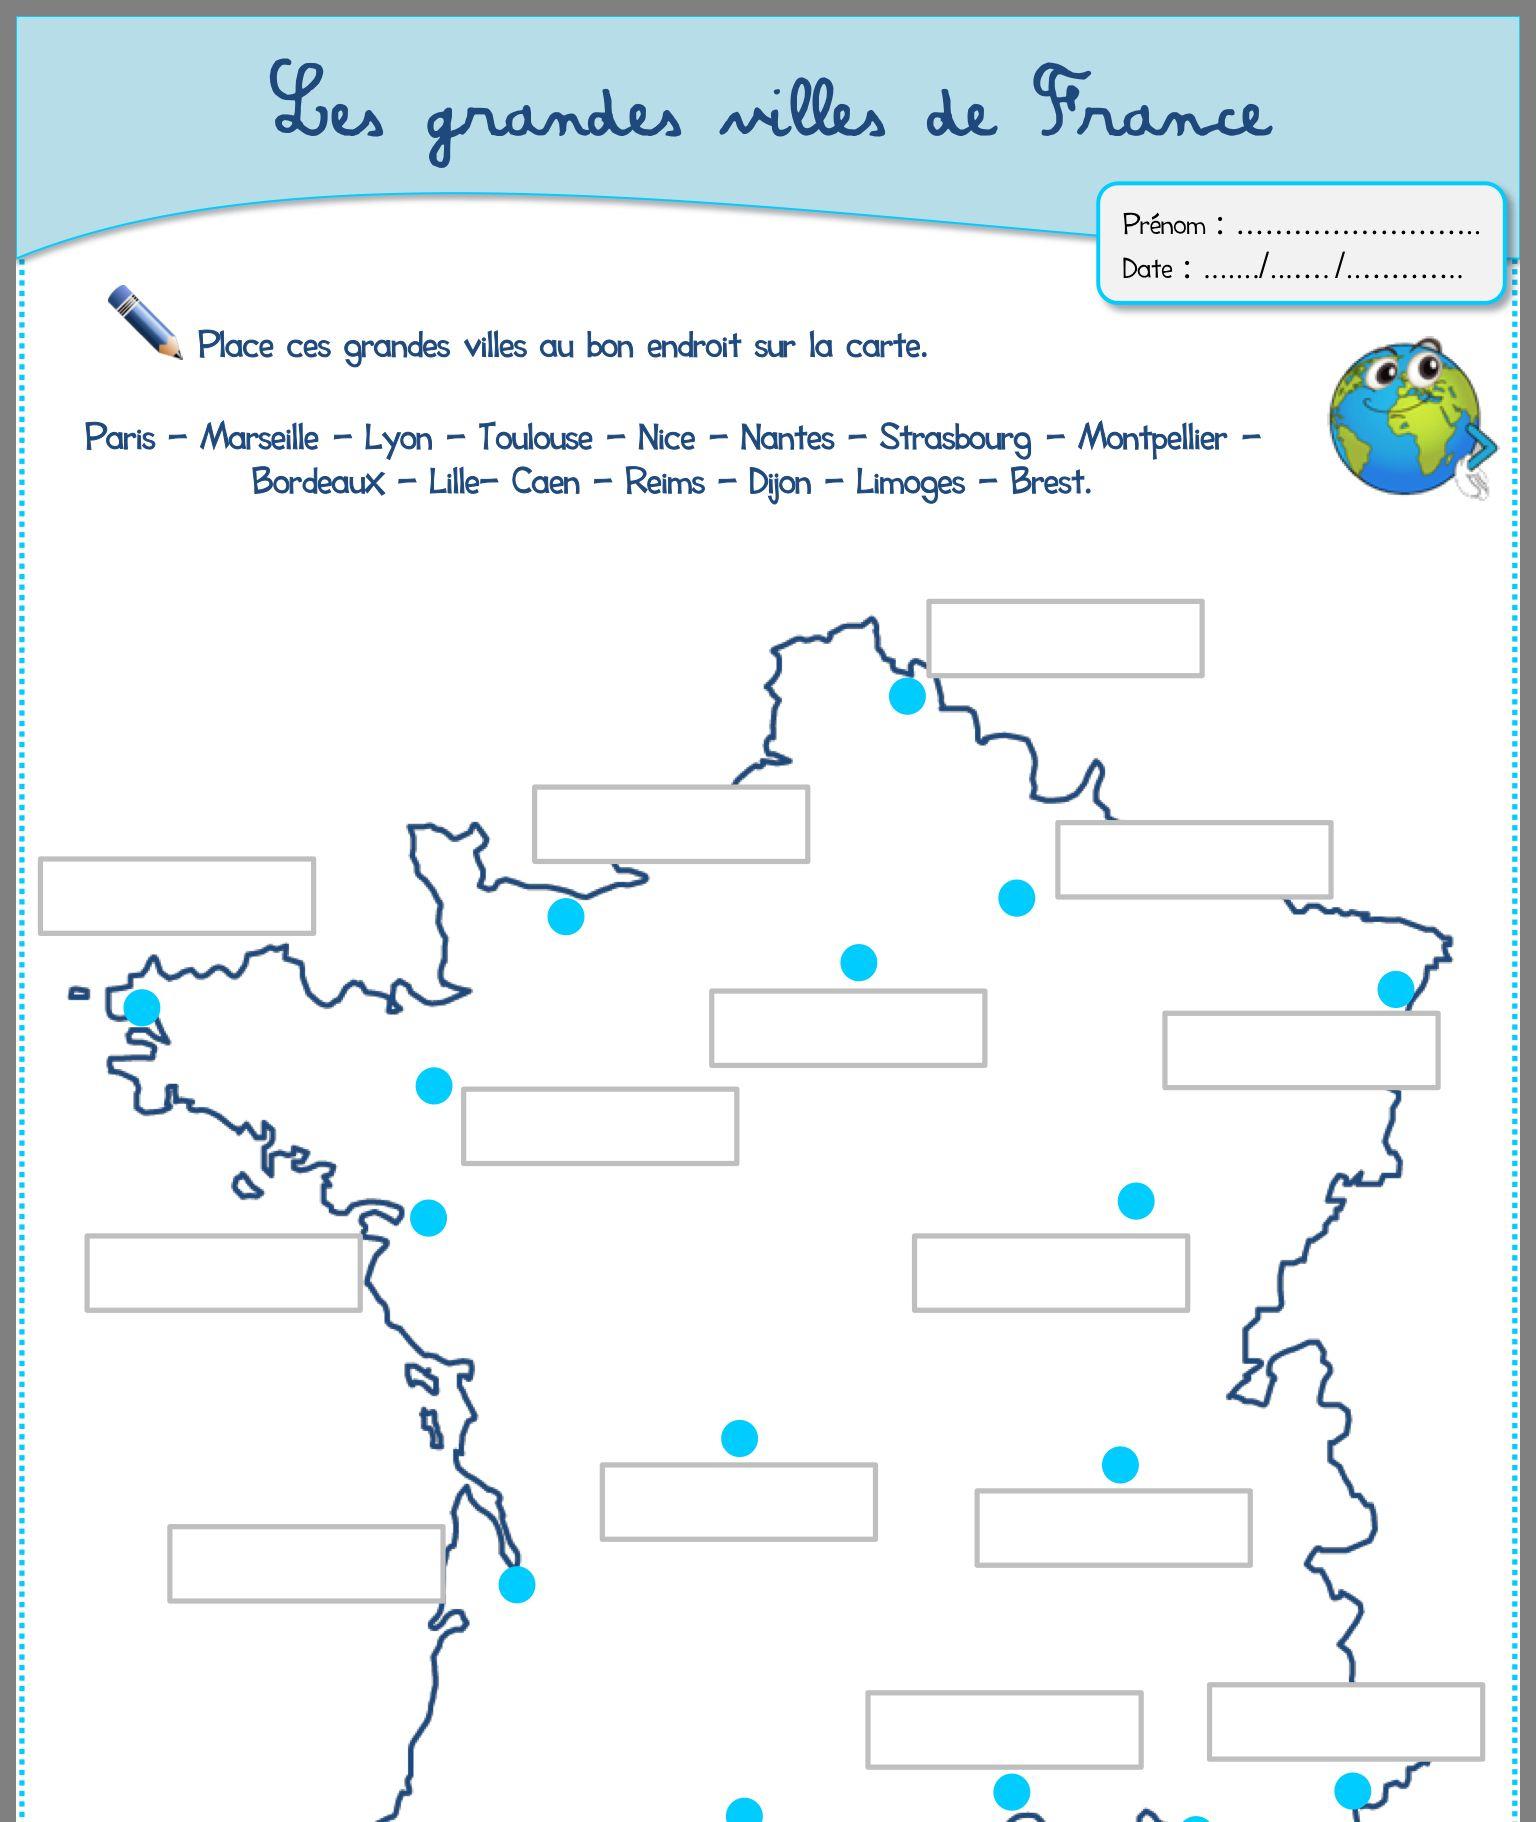 Épinglé Par Kant & Kler Sur Vakantie | Ville France tout Carte De France Pour Enfant